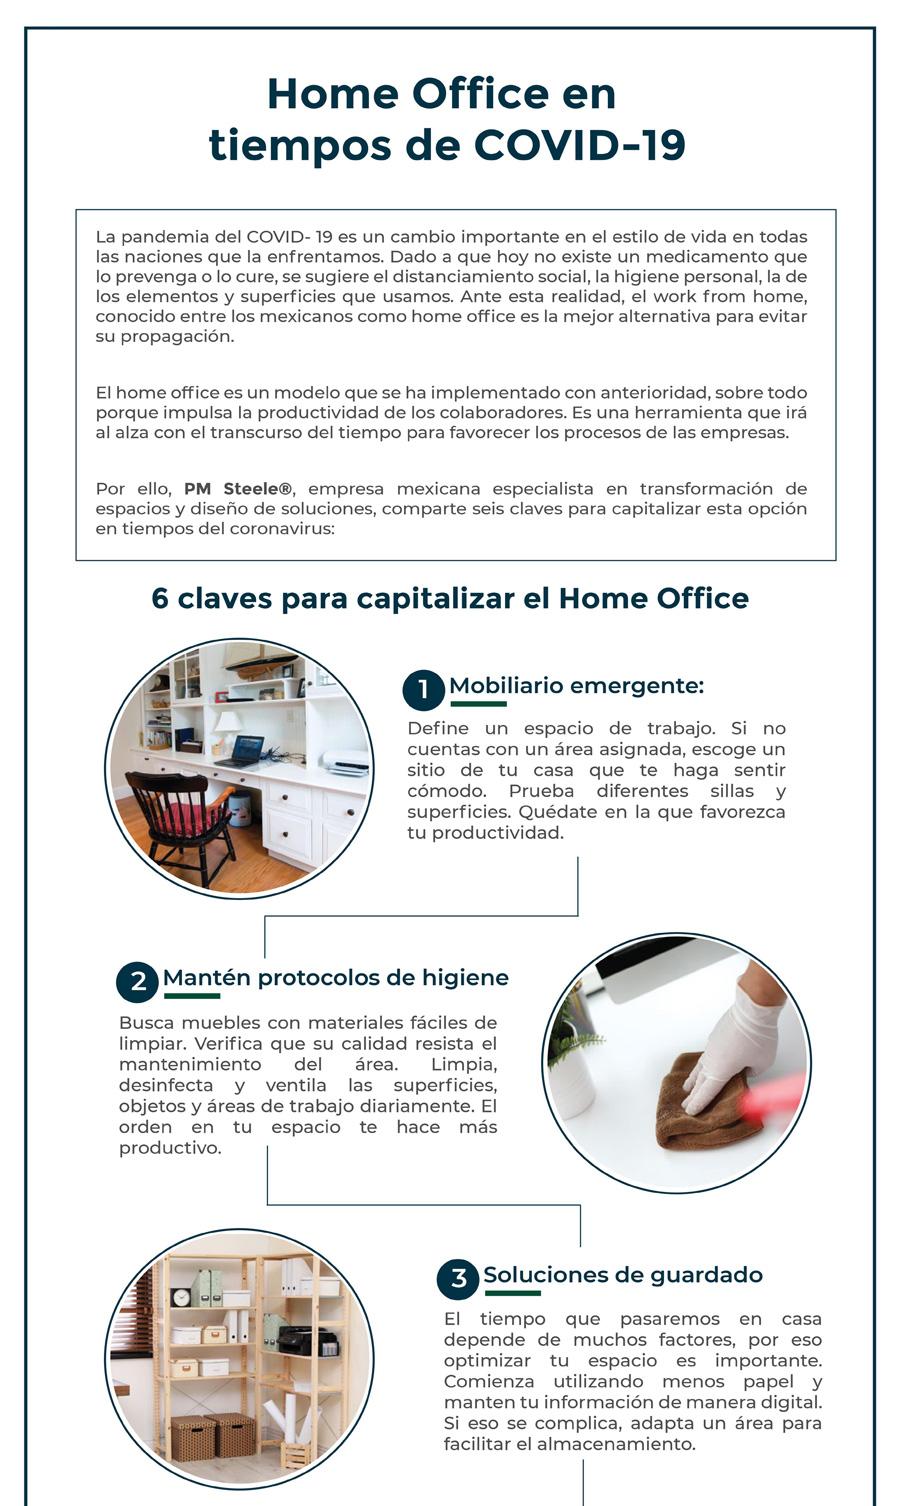 HOME OFFICE EN TIEMPOS DE COVID-19